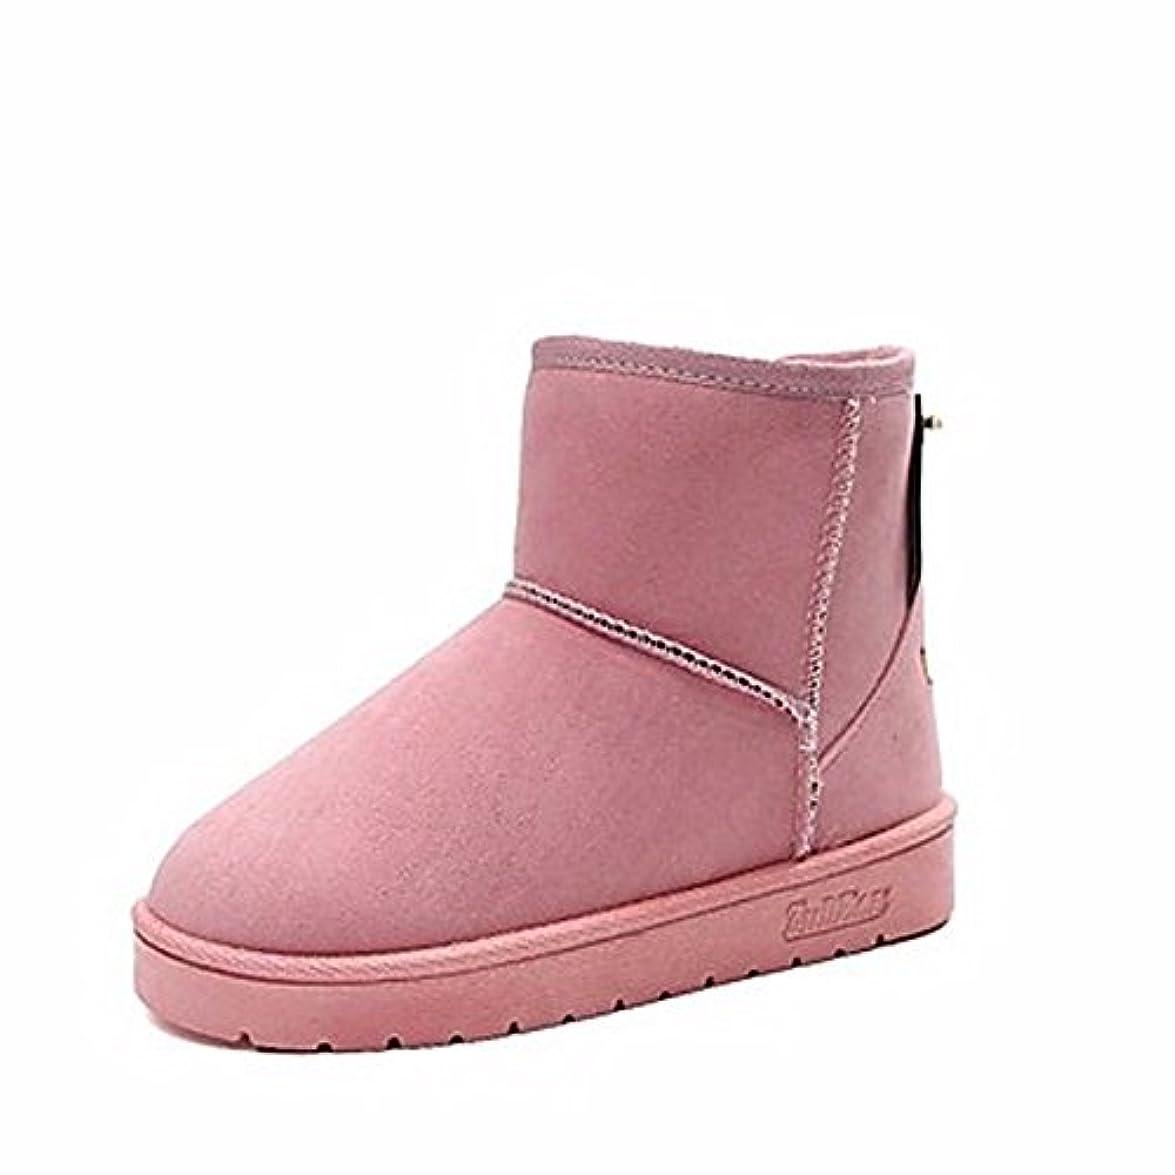 Stivali Nero Cn39 Boots Uk6 Snow Grigio Winter Party Piatto Sera Arrossendo Punta Tacco Tonda Per amp; Eu39 us8 Casual Donna Zhudj Rosa Scarpe rosa